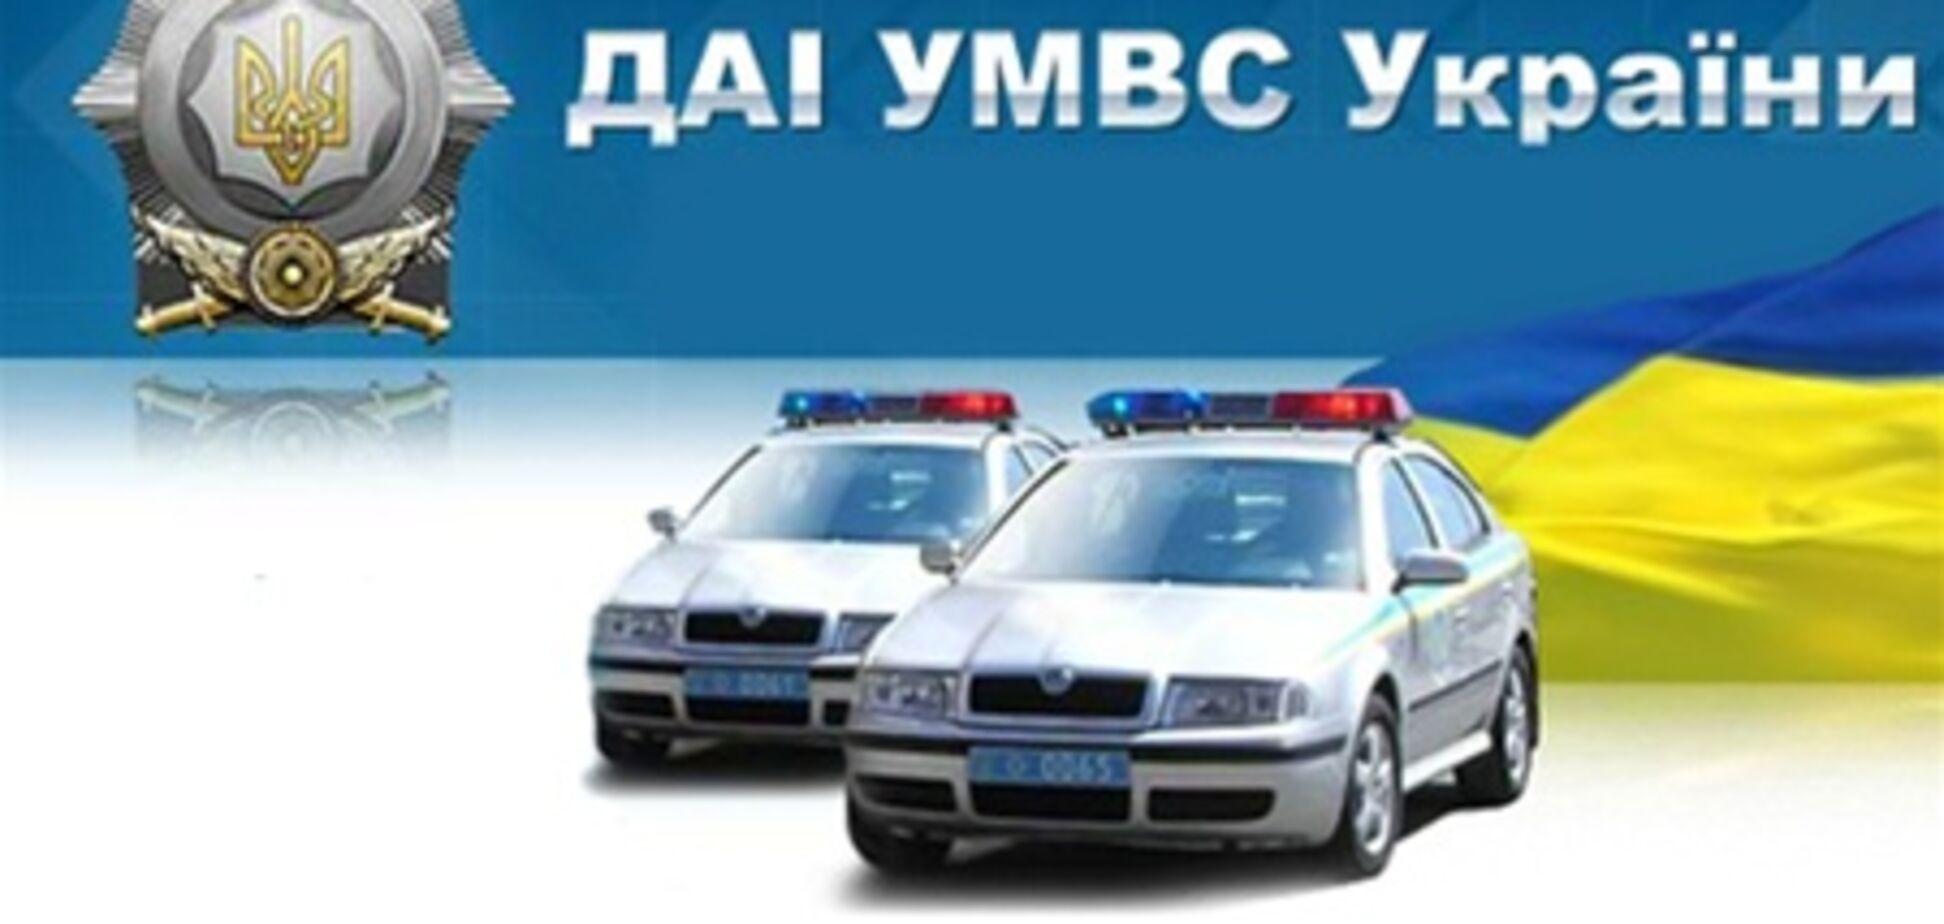 Информация ГАИ Украины на 27.07.2011